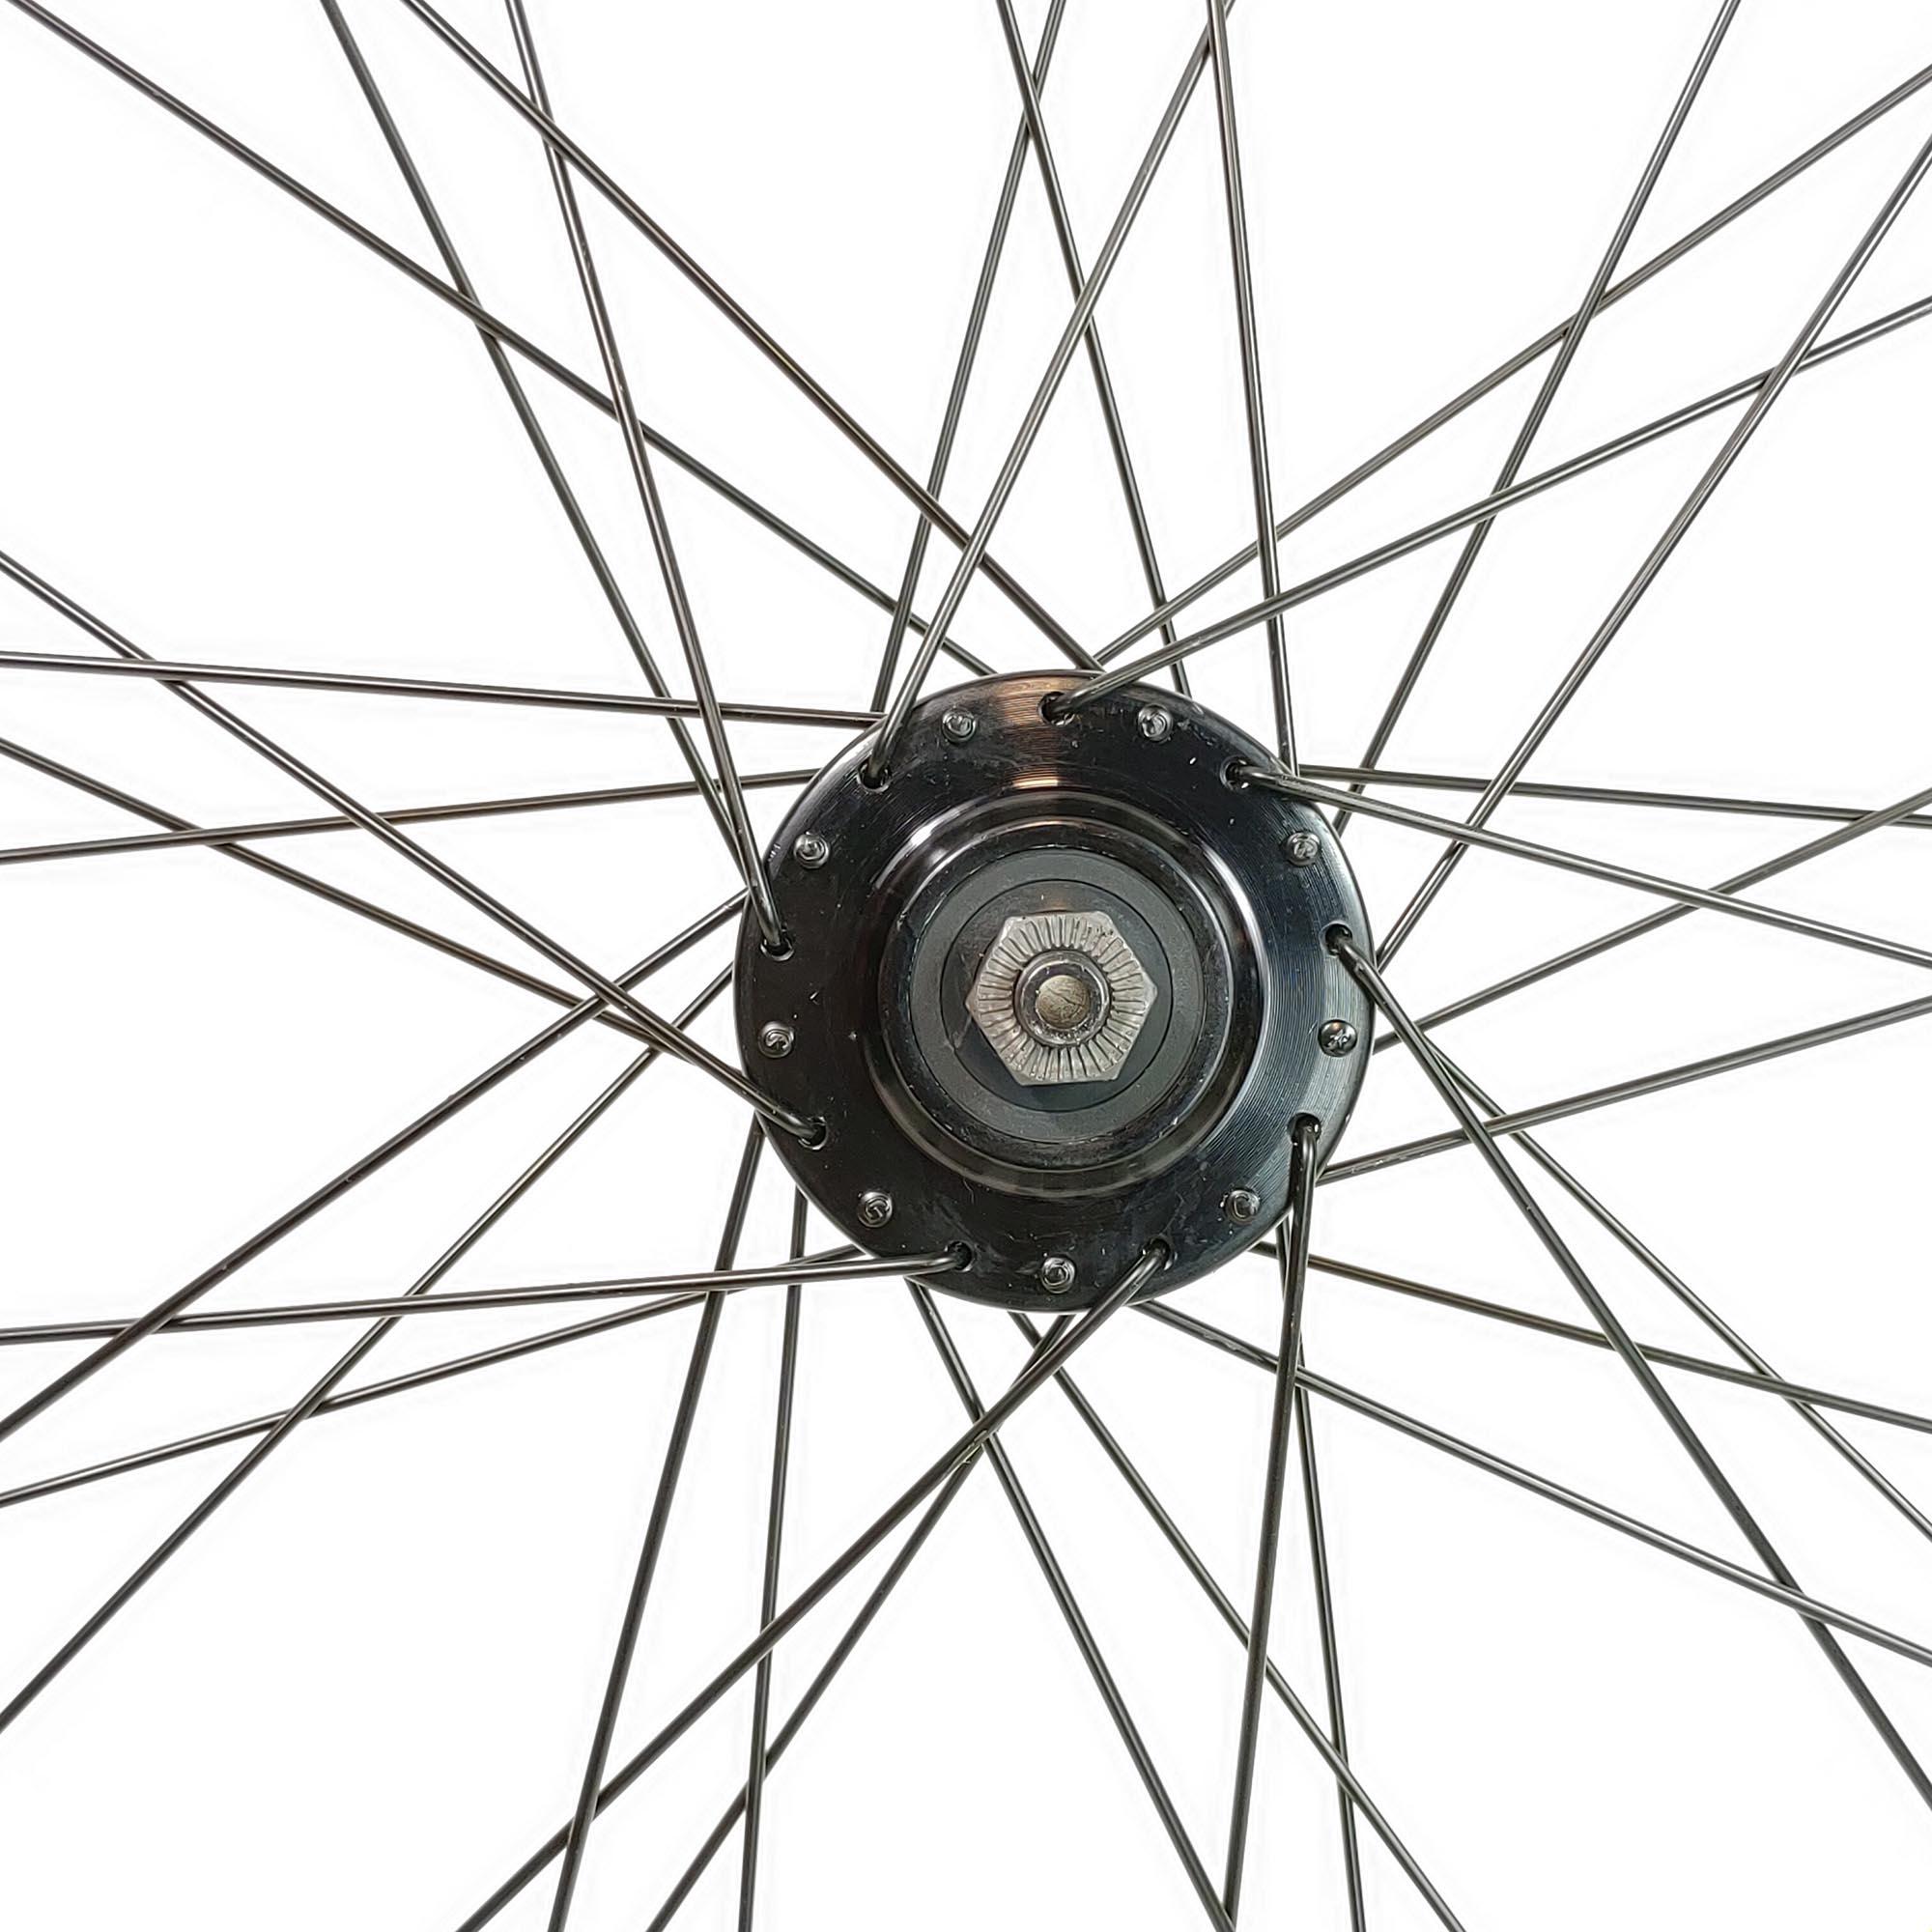 Roda de Bicicleta Aro 29 Snake Montada Cubo Disco K7 Raio Preto